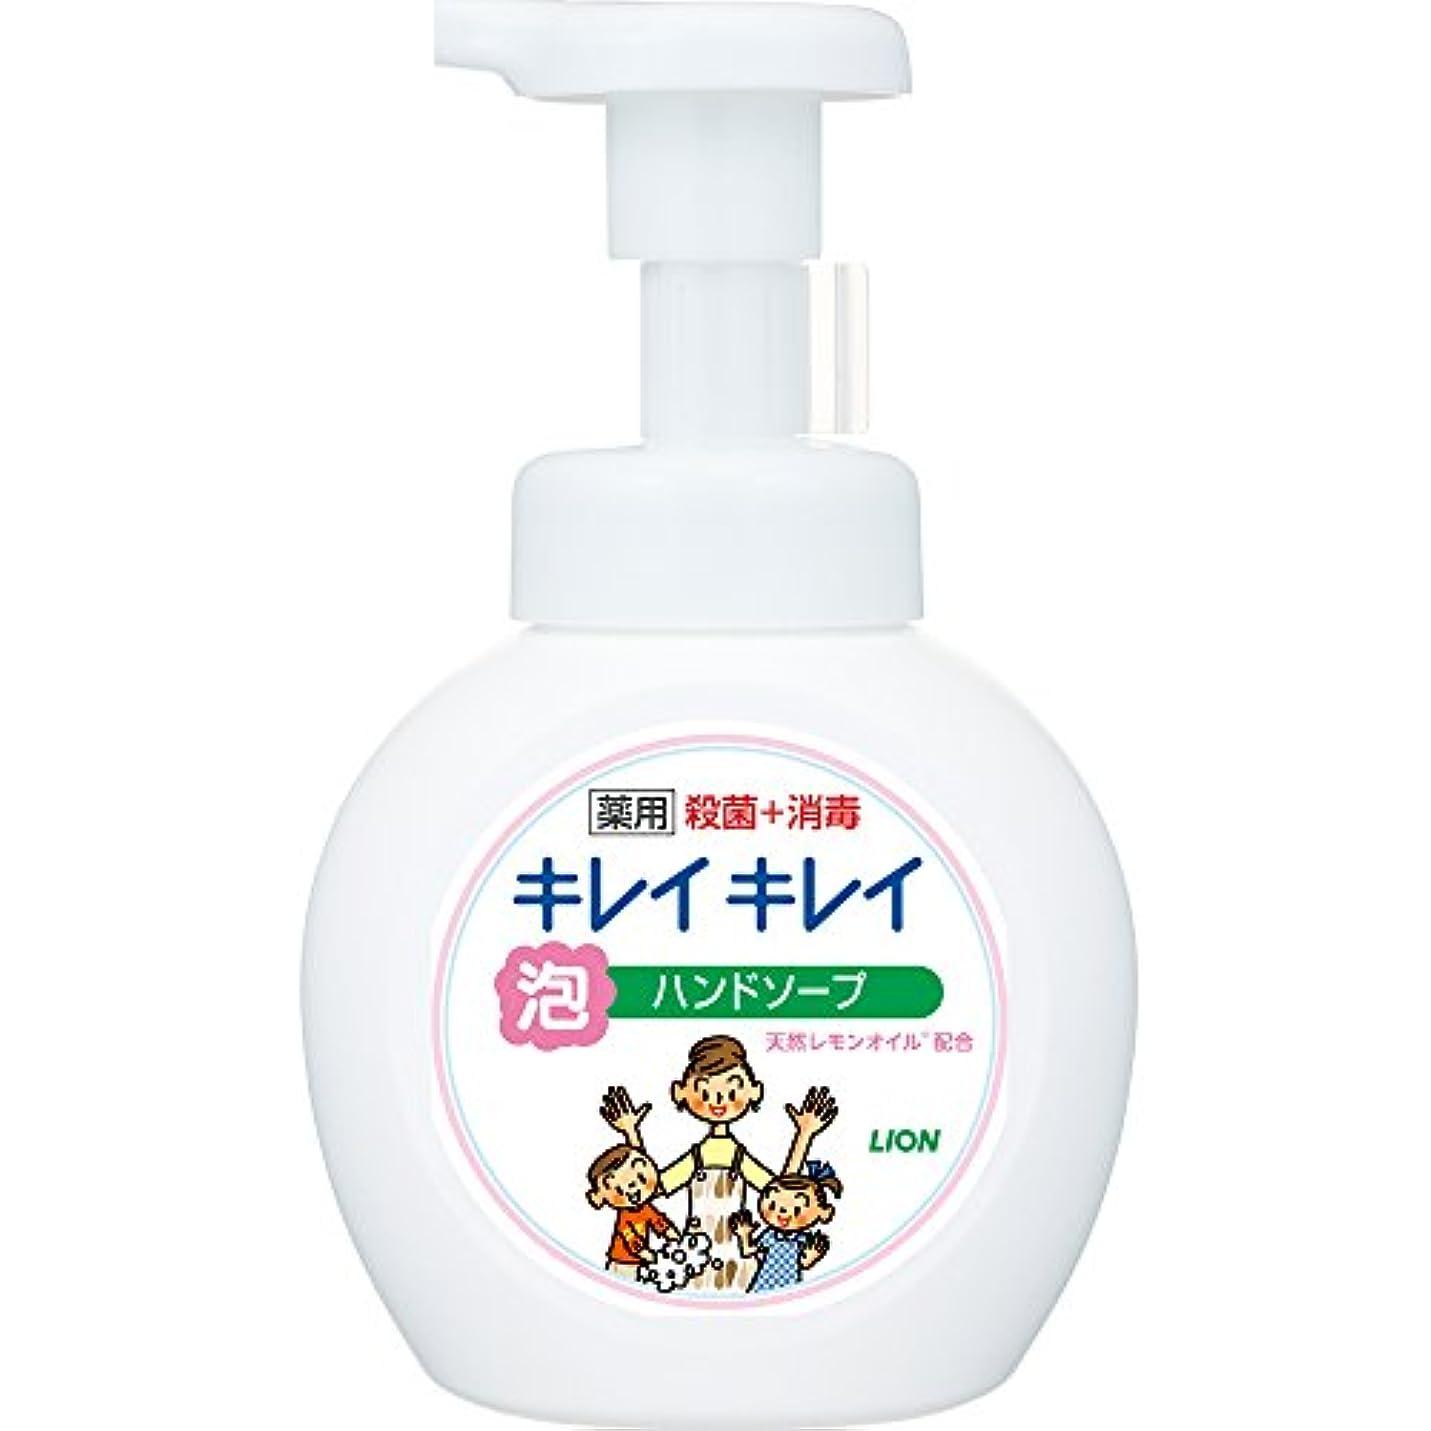 理由アセサスティーンキレイキレイ 薬用 泡ハンドソープ シトラスフルーティの香り 本体ポンプ 250ml(医薬部外品)